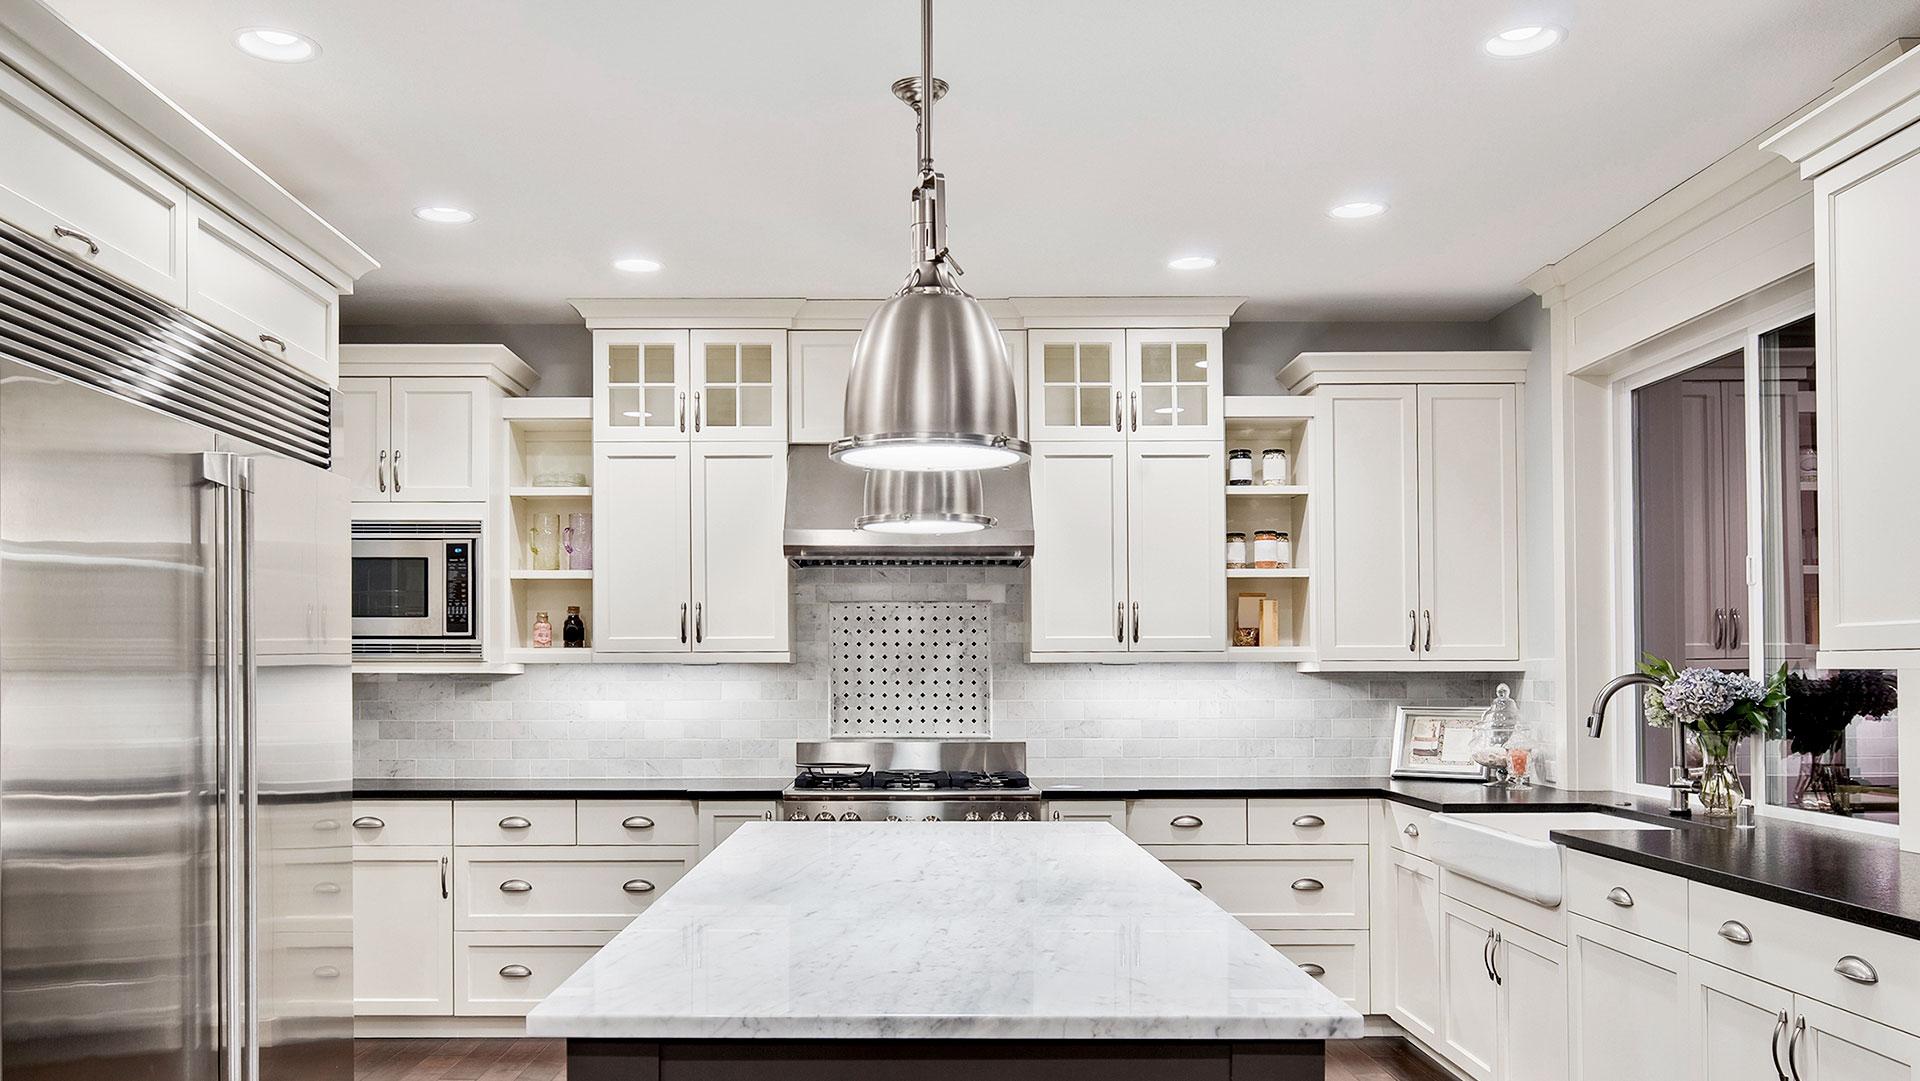 Our services woodbridge kitchen cabinet supplier - Bathroom remodeling woodbridge va ...